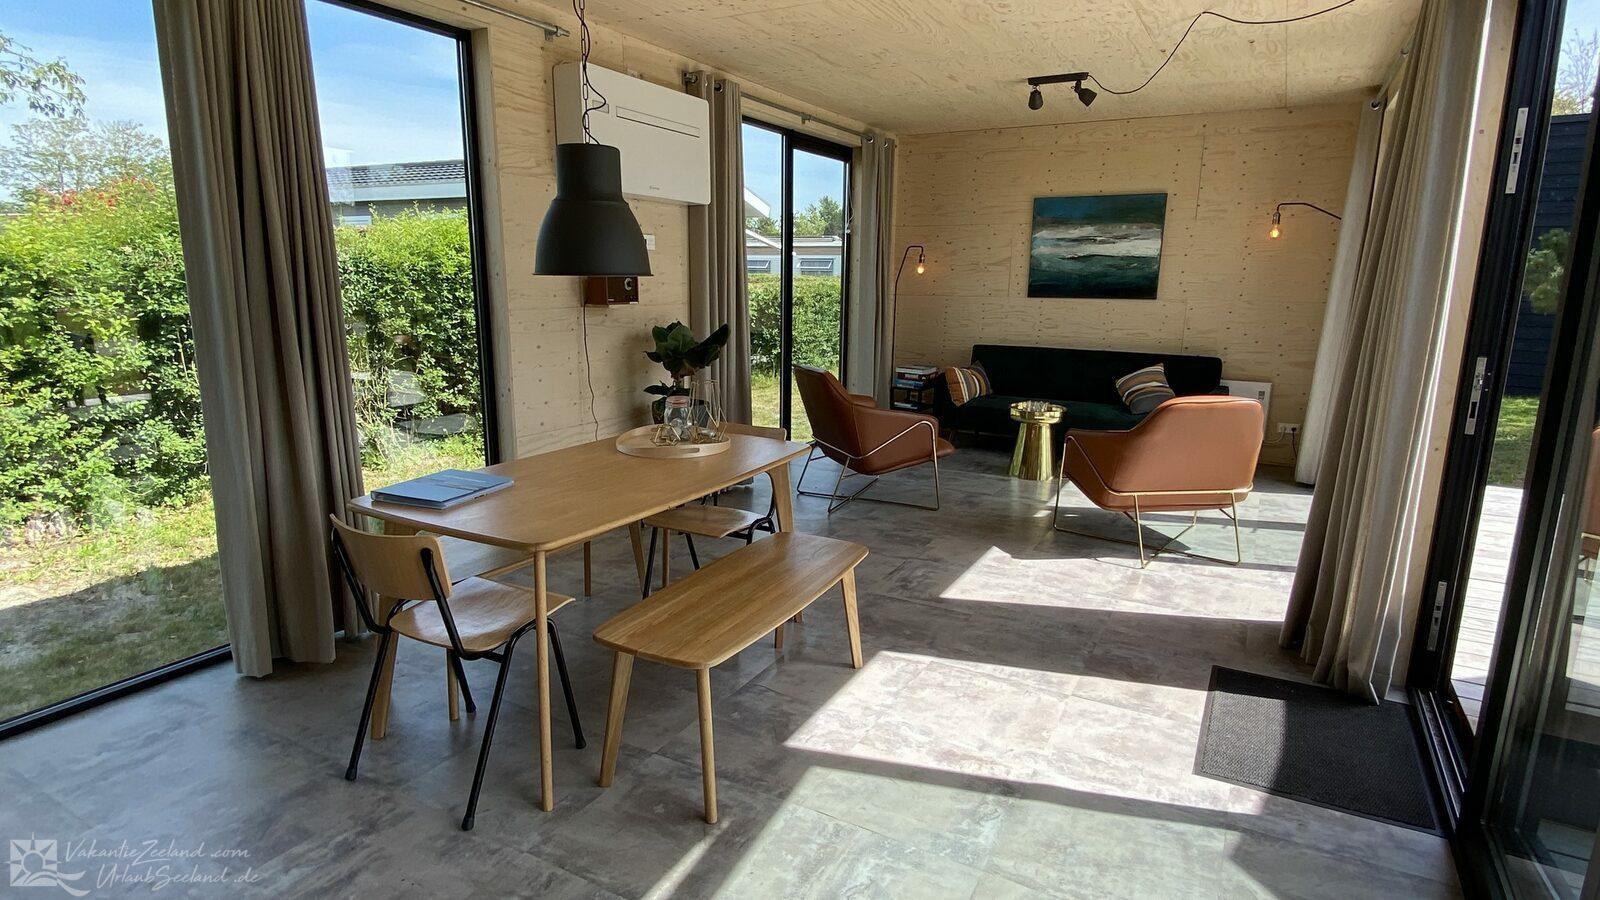 VZ856 Vakantiehuis in Ouddorp